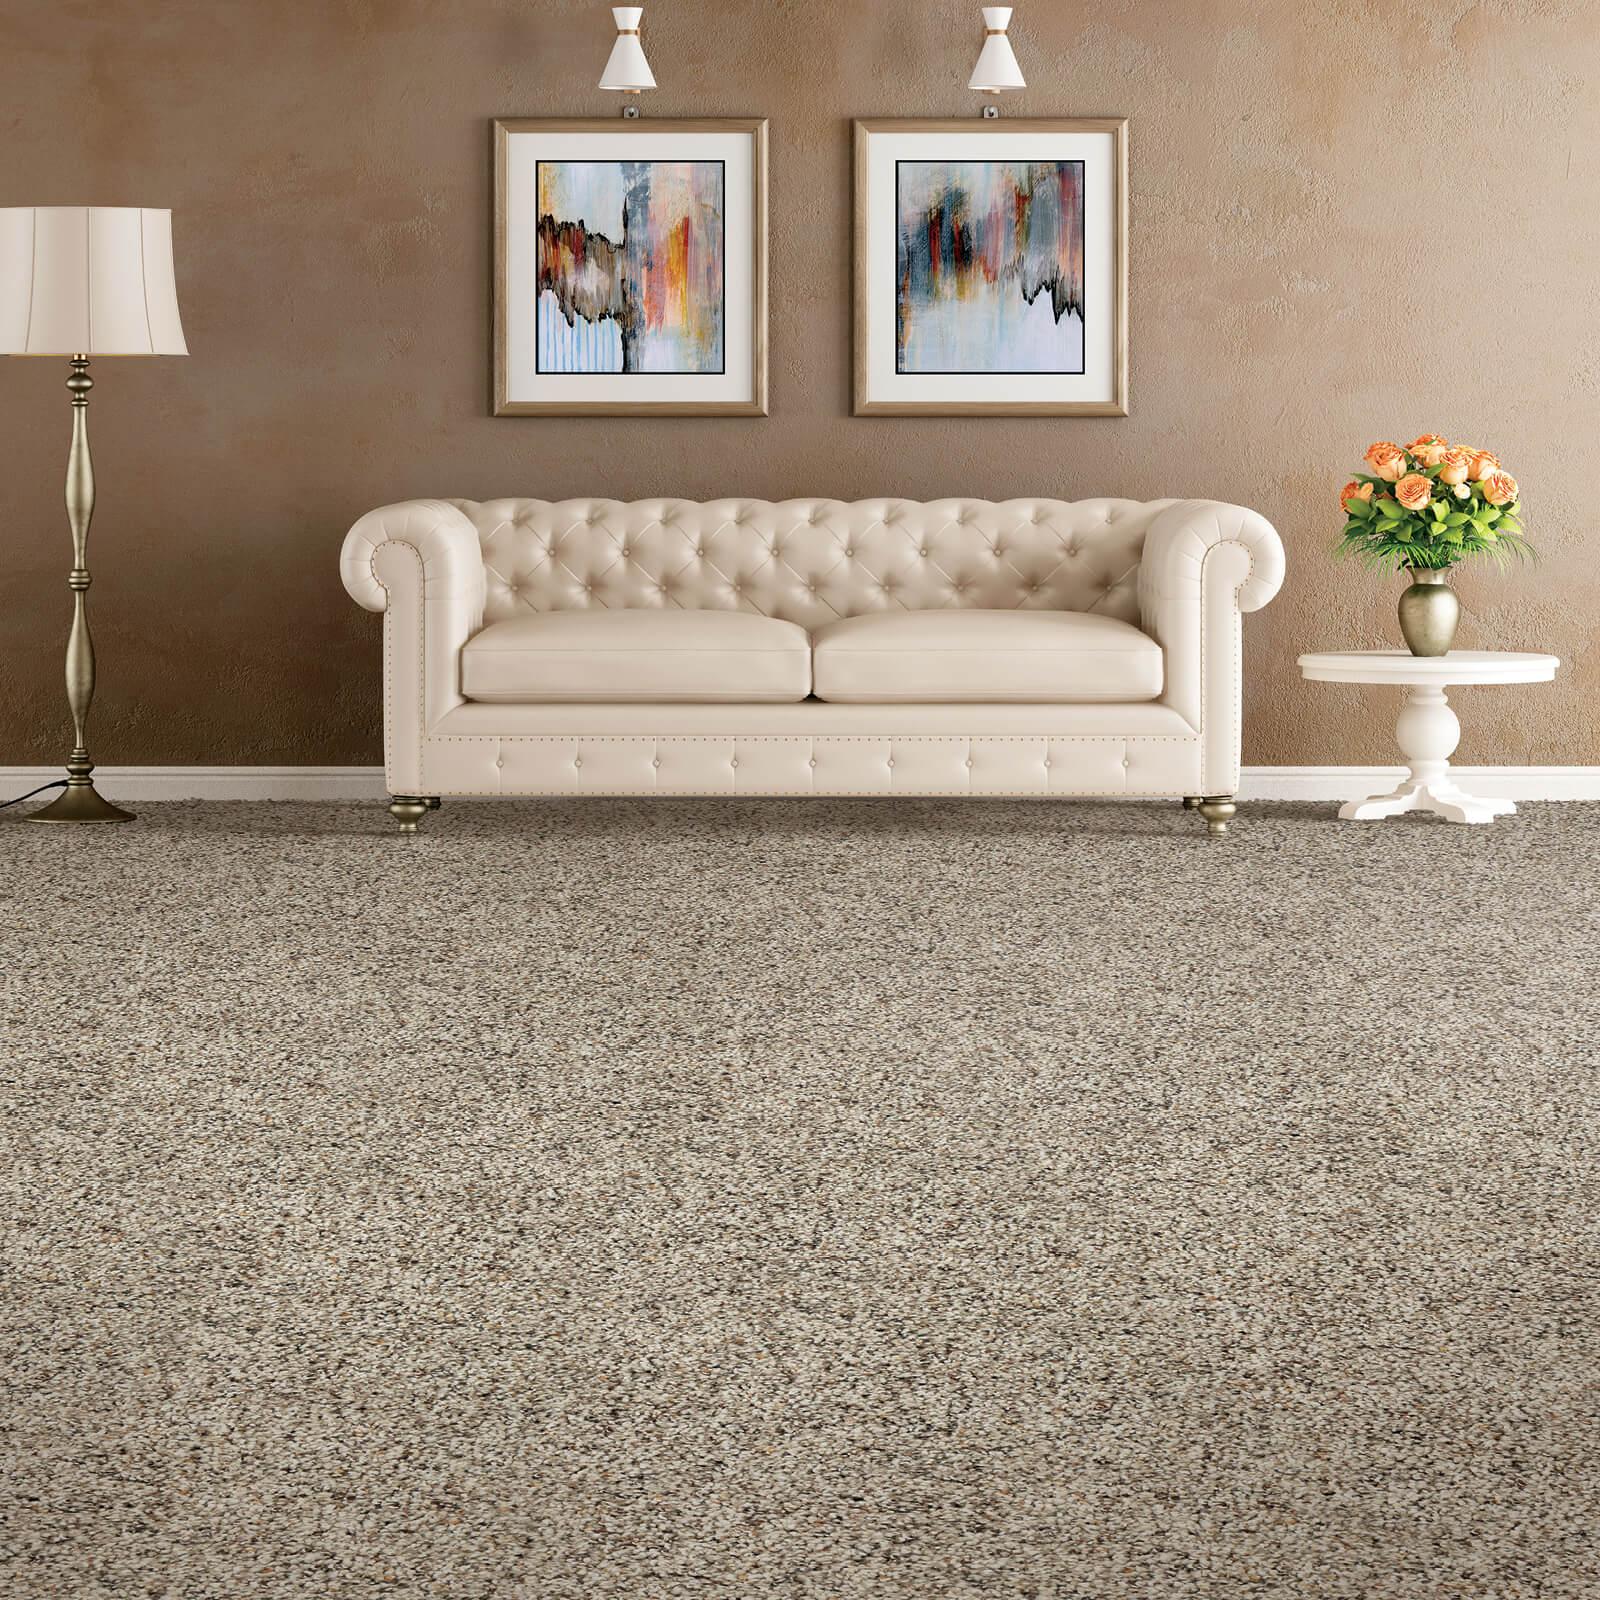 Carpet Flooring | Wacky's Flooring